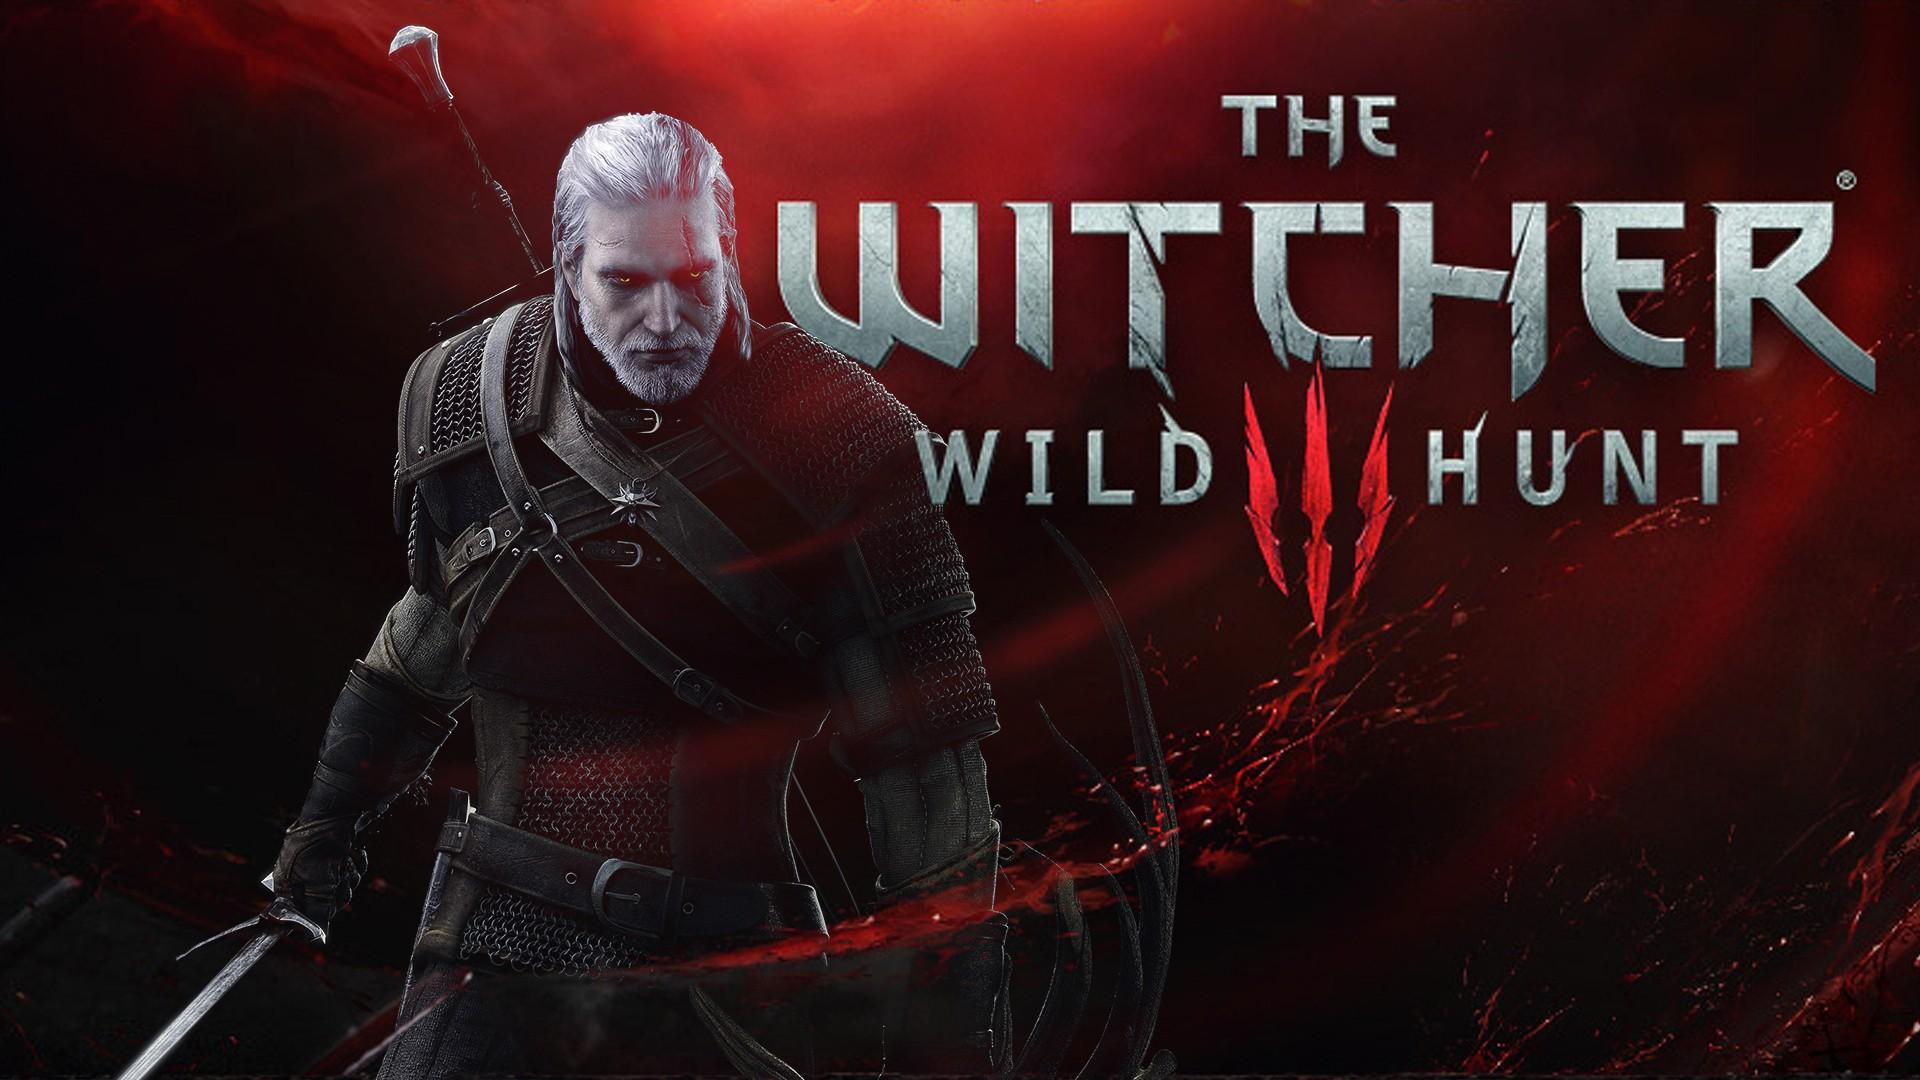 تحلیل فنی | بررسی عملکرد The Witcher 3 روی پلیاستیشن ۴ پرو و ایکسباکس وان ایکس